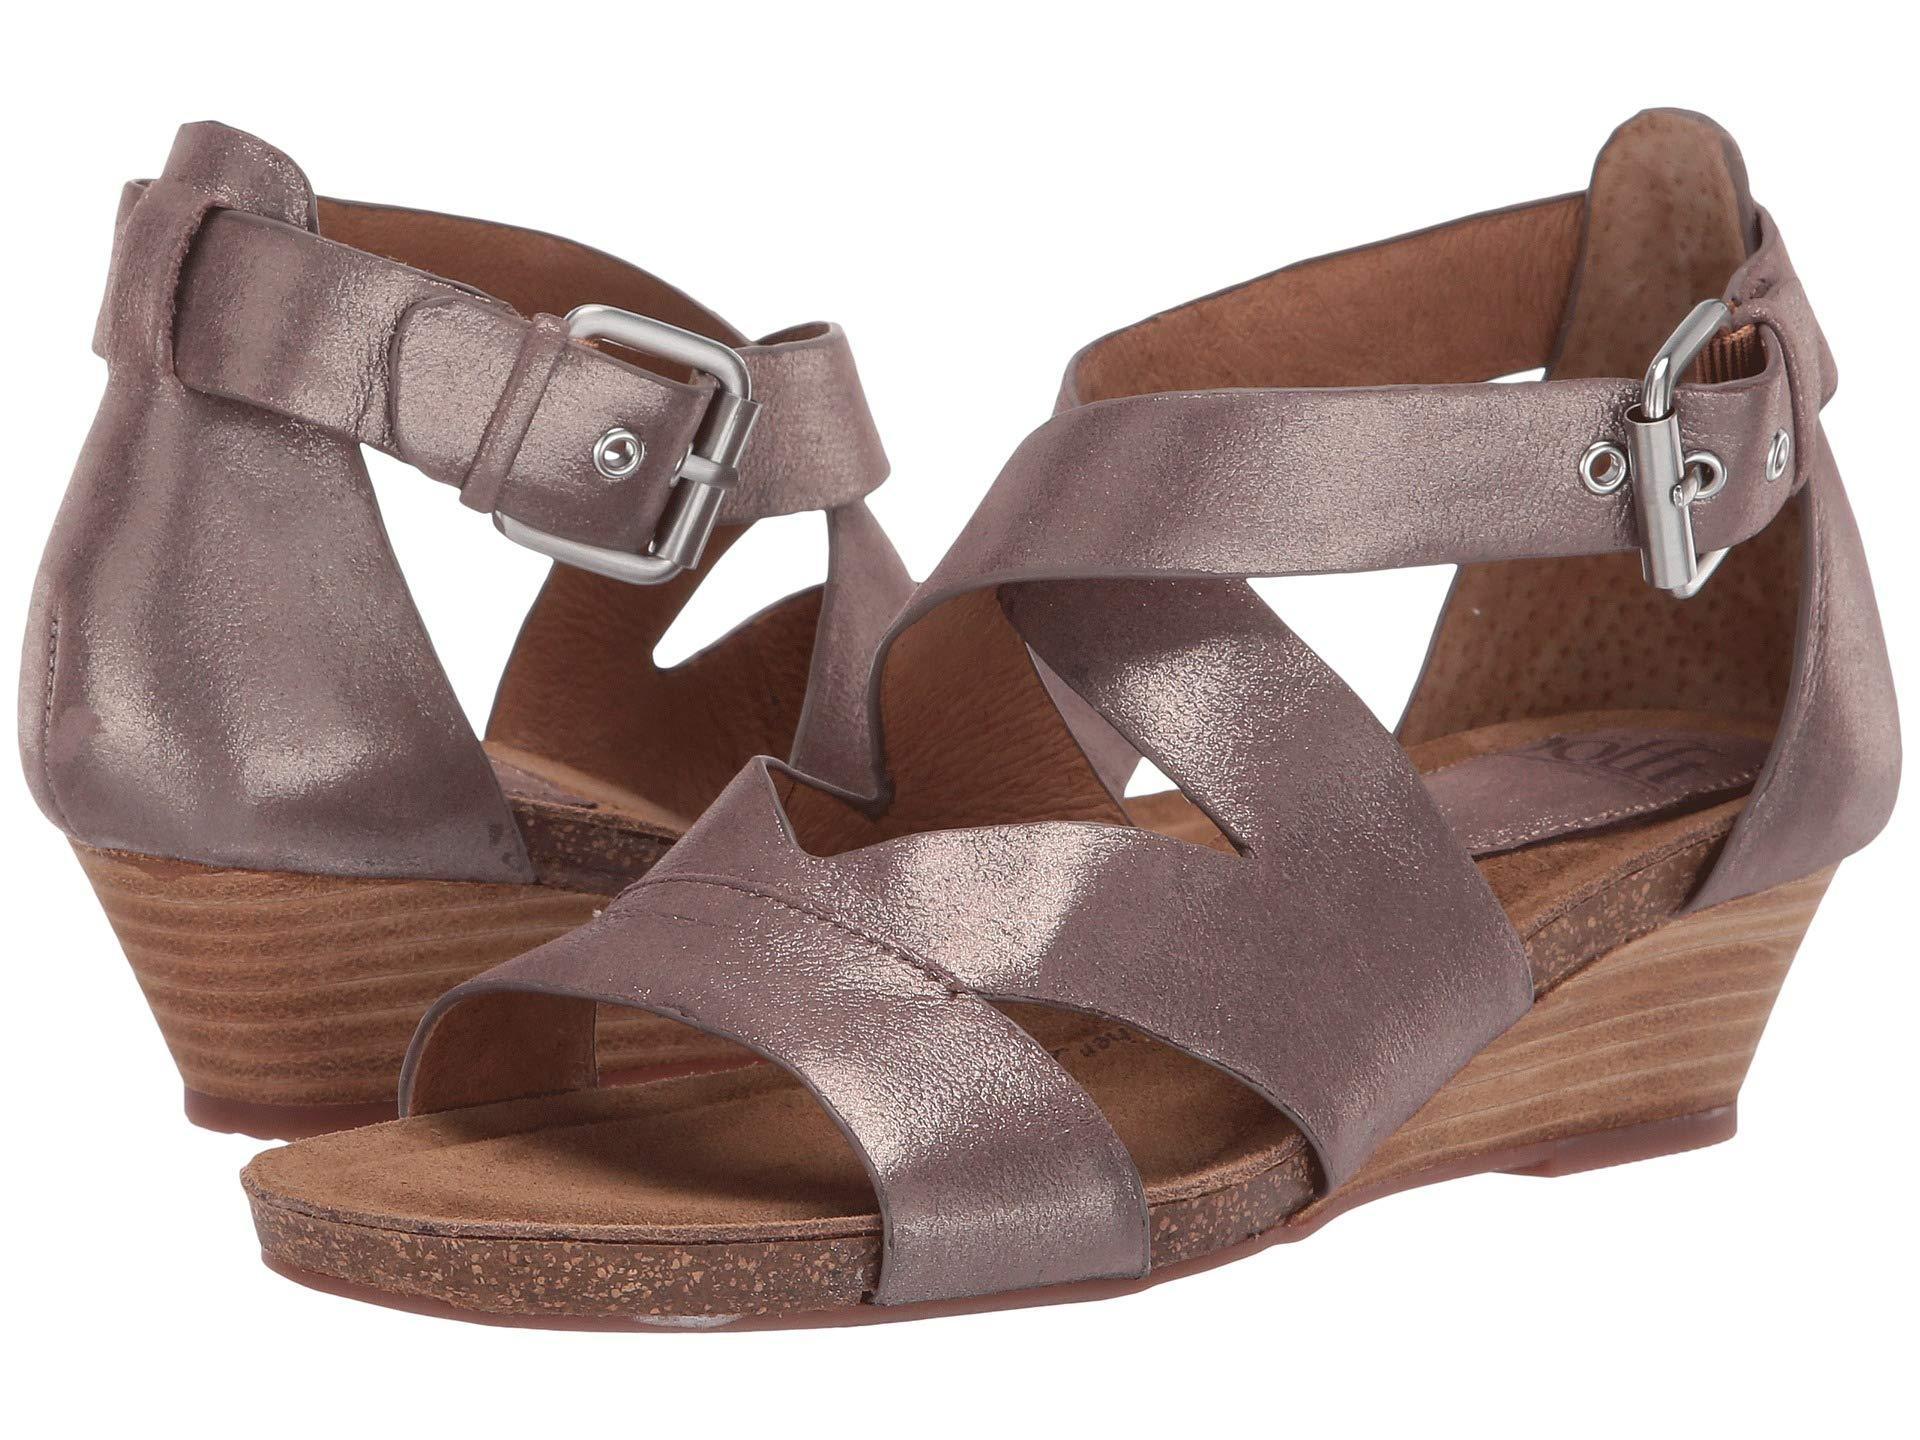 690a580dc5ed Sofft metallic taupe spirit metallic vara rose gold bruce metallic womens wedge  shoes jpg 1920x1440 Metallic